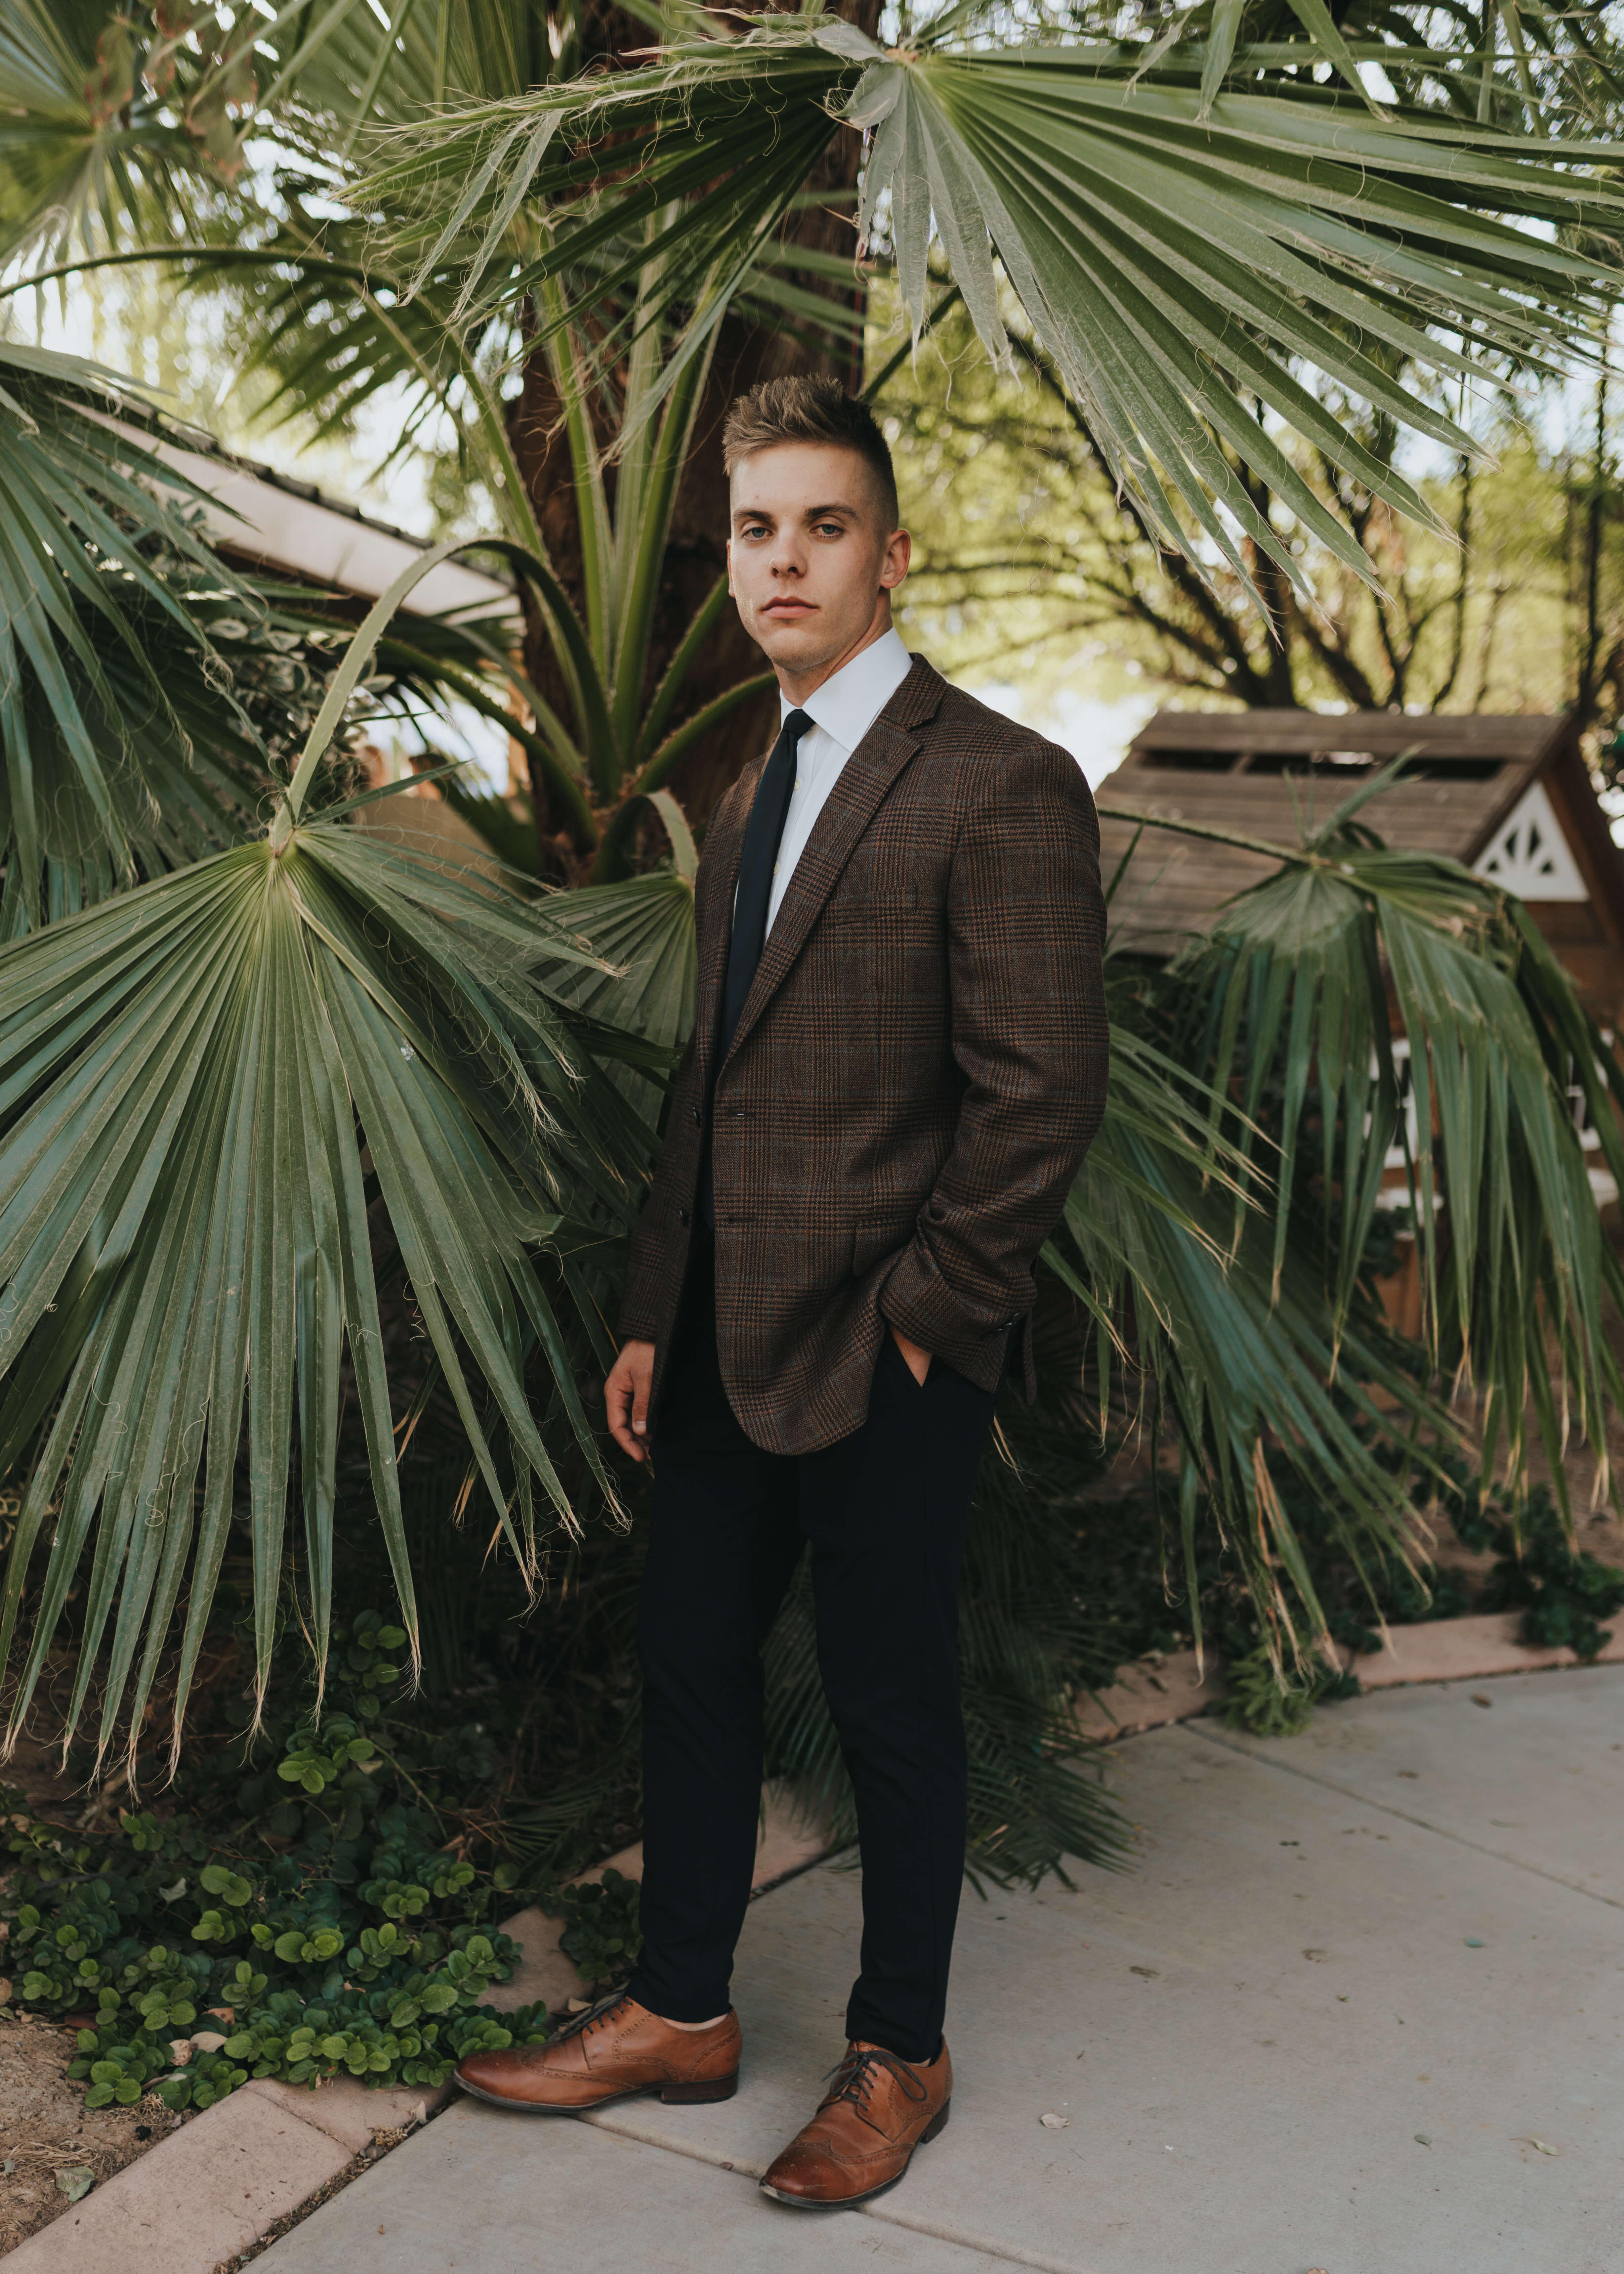 brown tweed suit groom with black tie